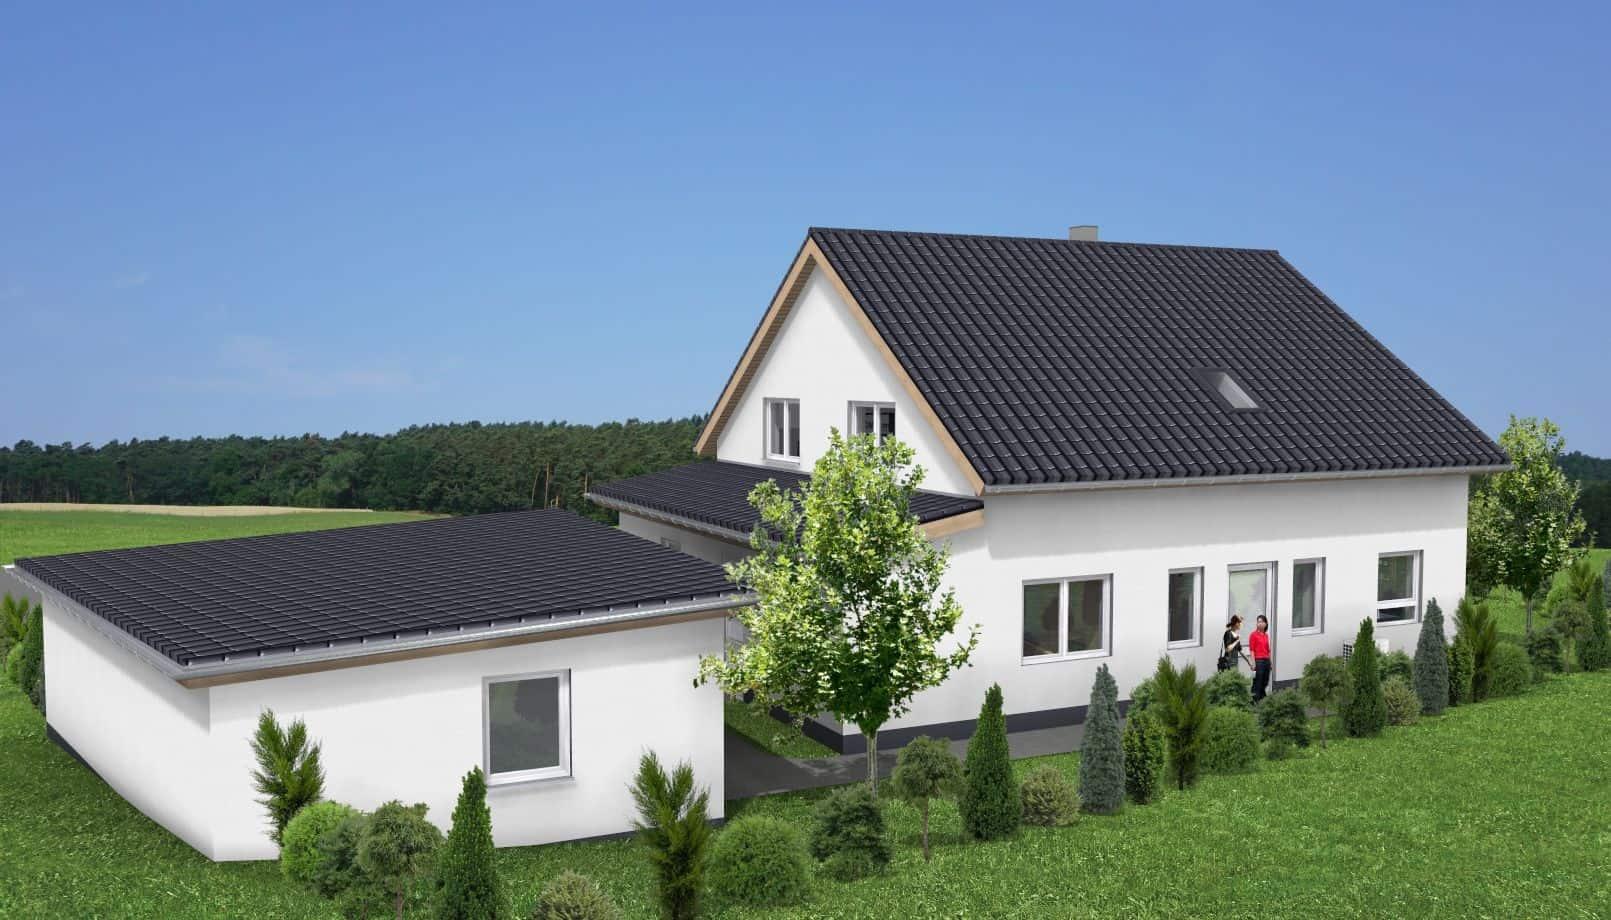 Einfamilienhaus mit ELW parterre in 36124 Eichenzell-Rönshausen